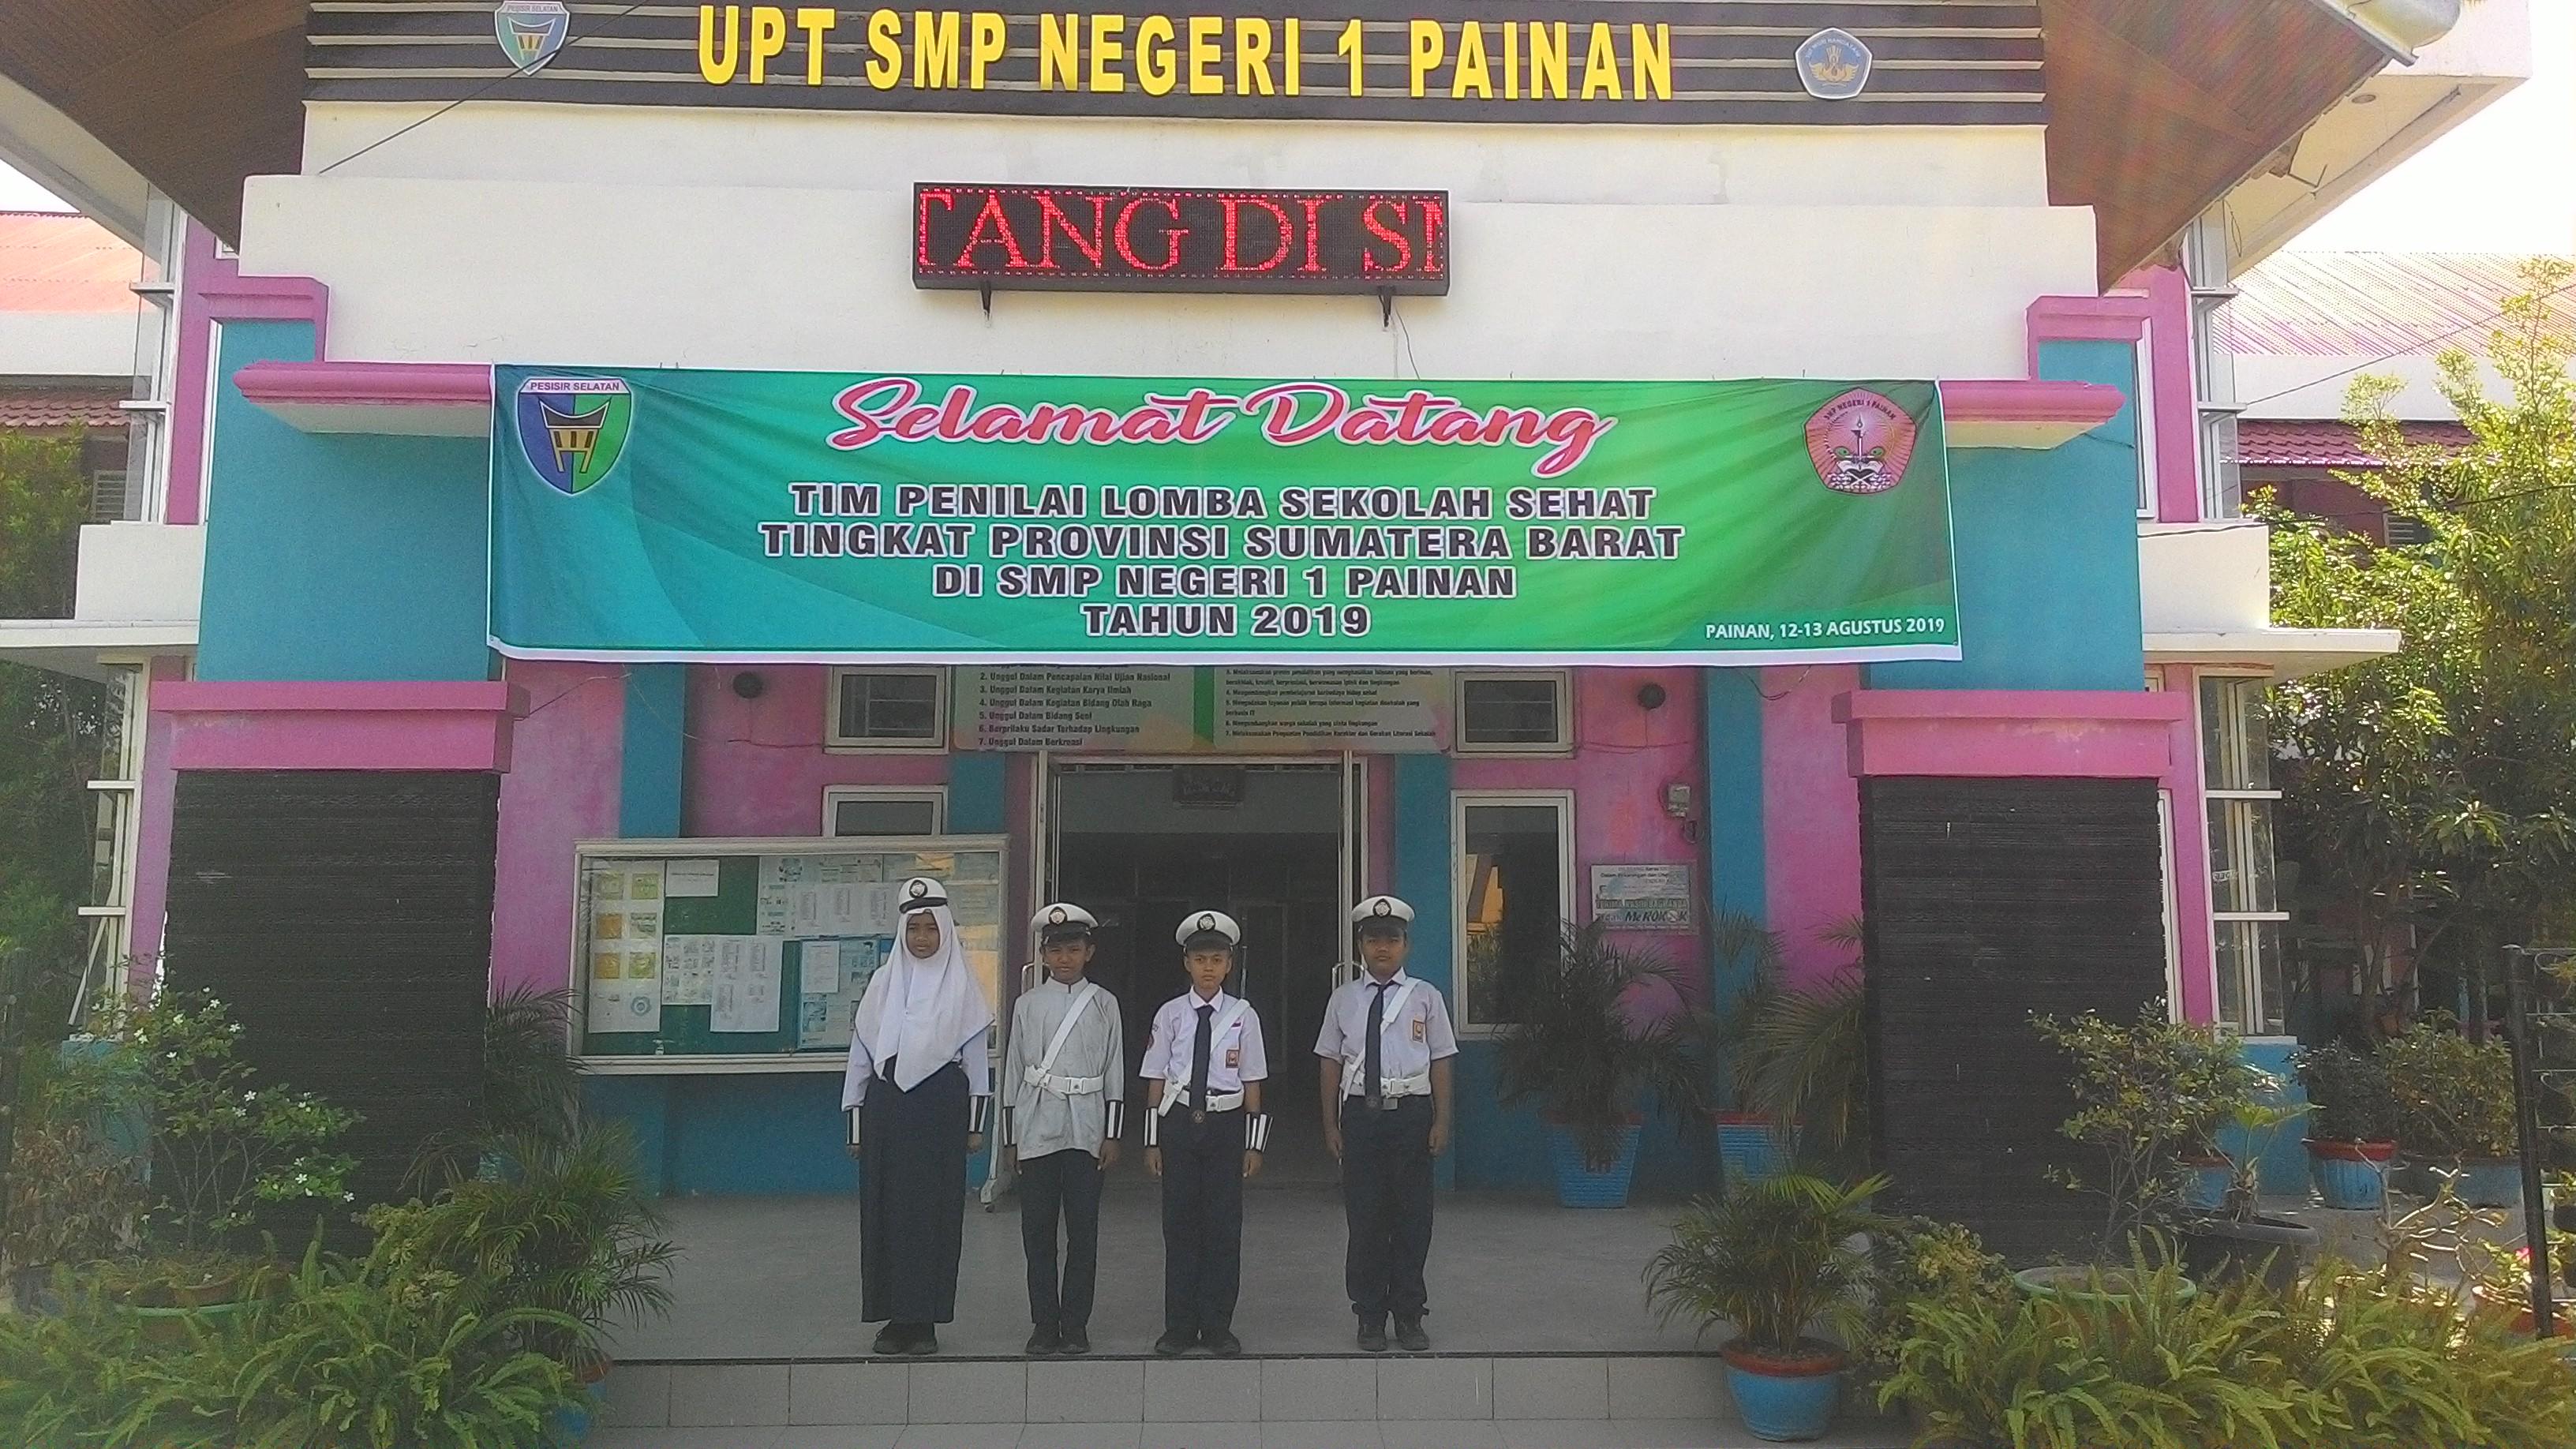 SMP Negeri 1 Painan Dinilai Tim Lomba Sekolah Sehat  Tingkat Provinsi Sumatera Barat 2019